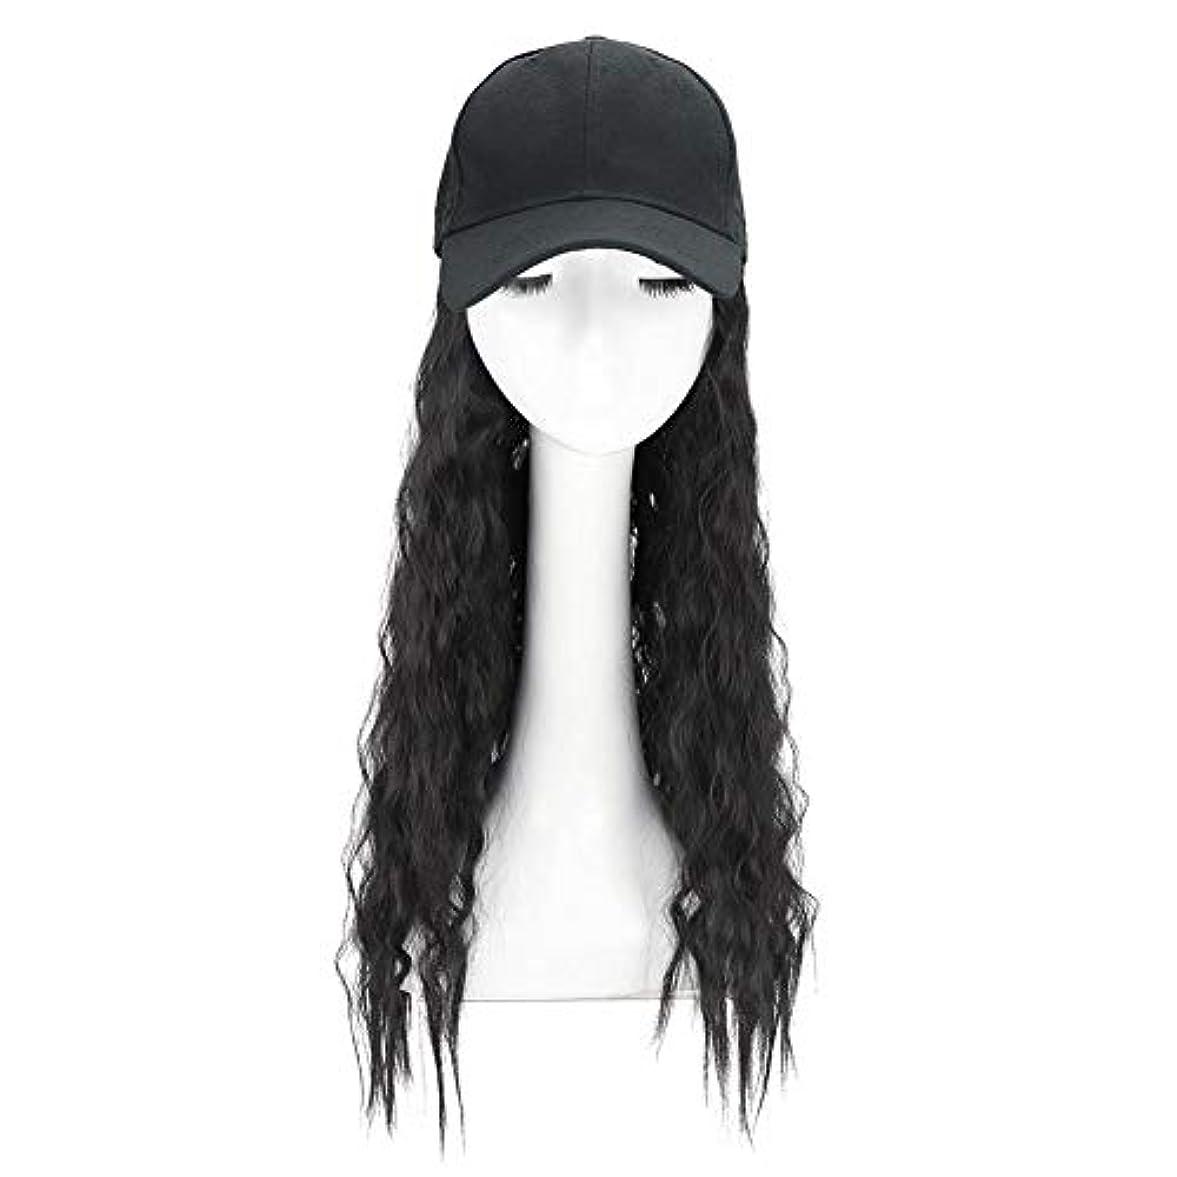 サルベージ器具タイプBrill(ブリーオ)帽子ロングカーリーウェーブ女性ファッション野球帽ブラックウィッグ